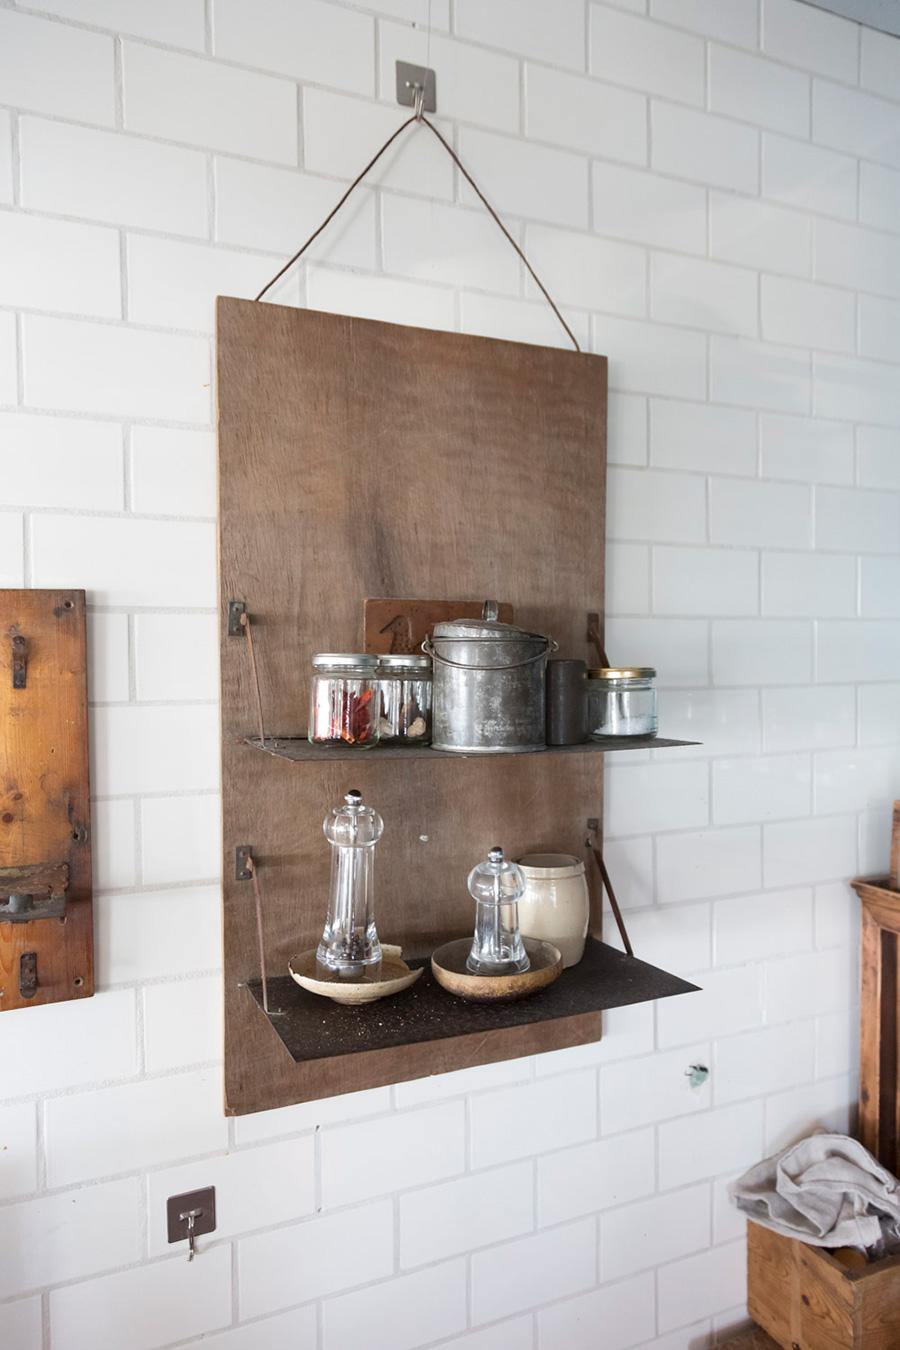 よく使う調味料を並べた吊り棚。塩と胡椒のアクリル製のミルの下にアンティークの皿を敷いている。